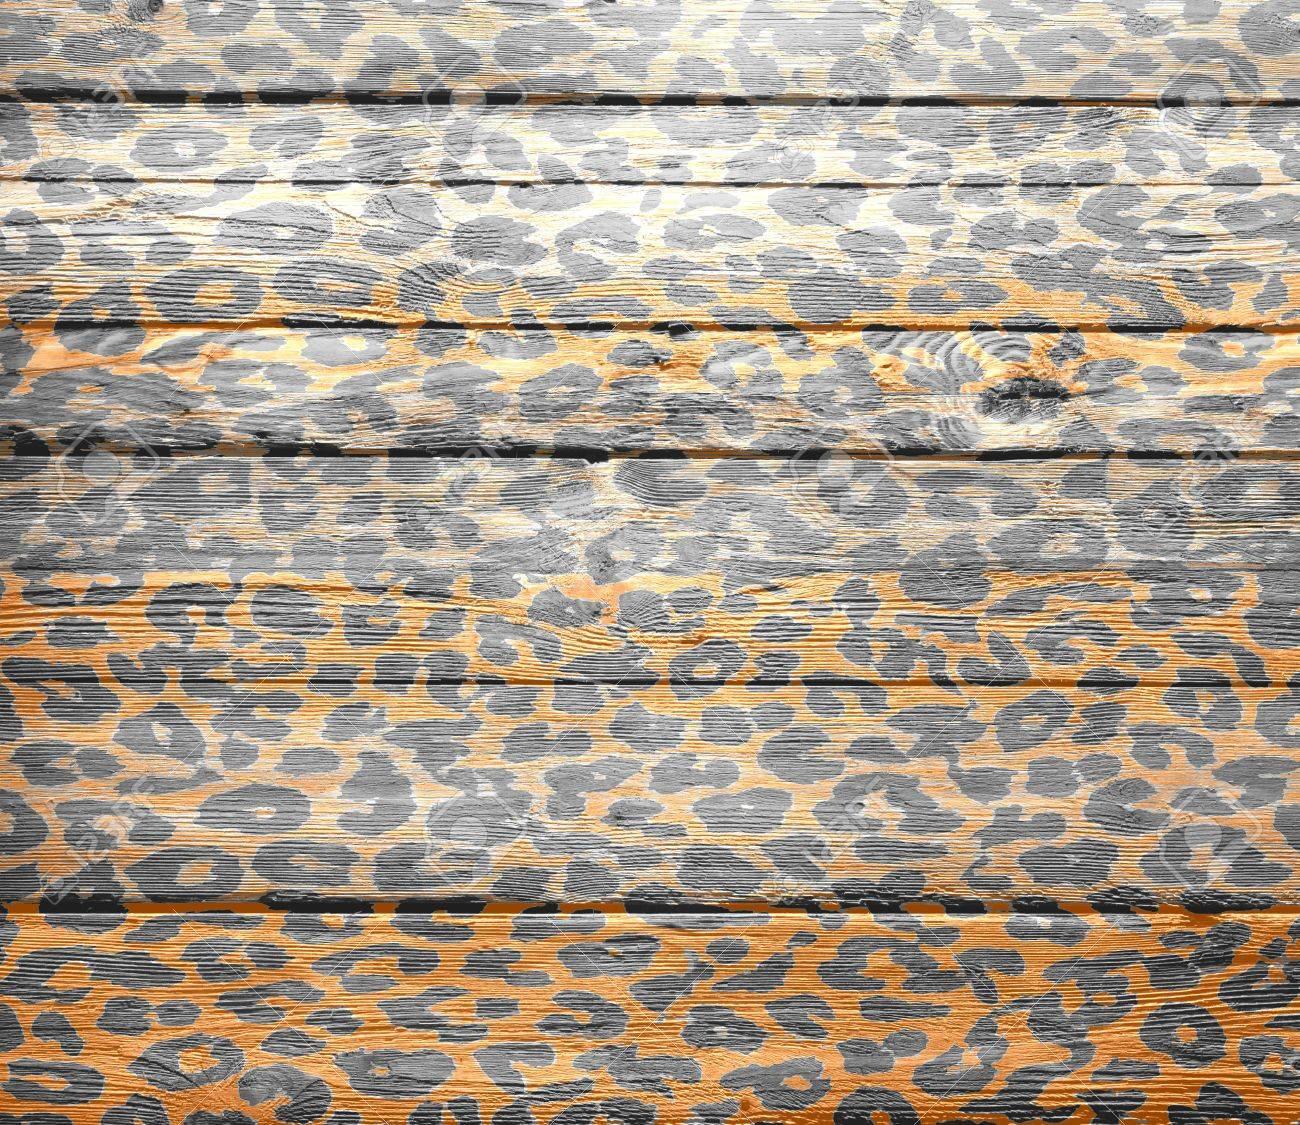 klassiset kengät uusin ostaa paras Art leopard wood texture background